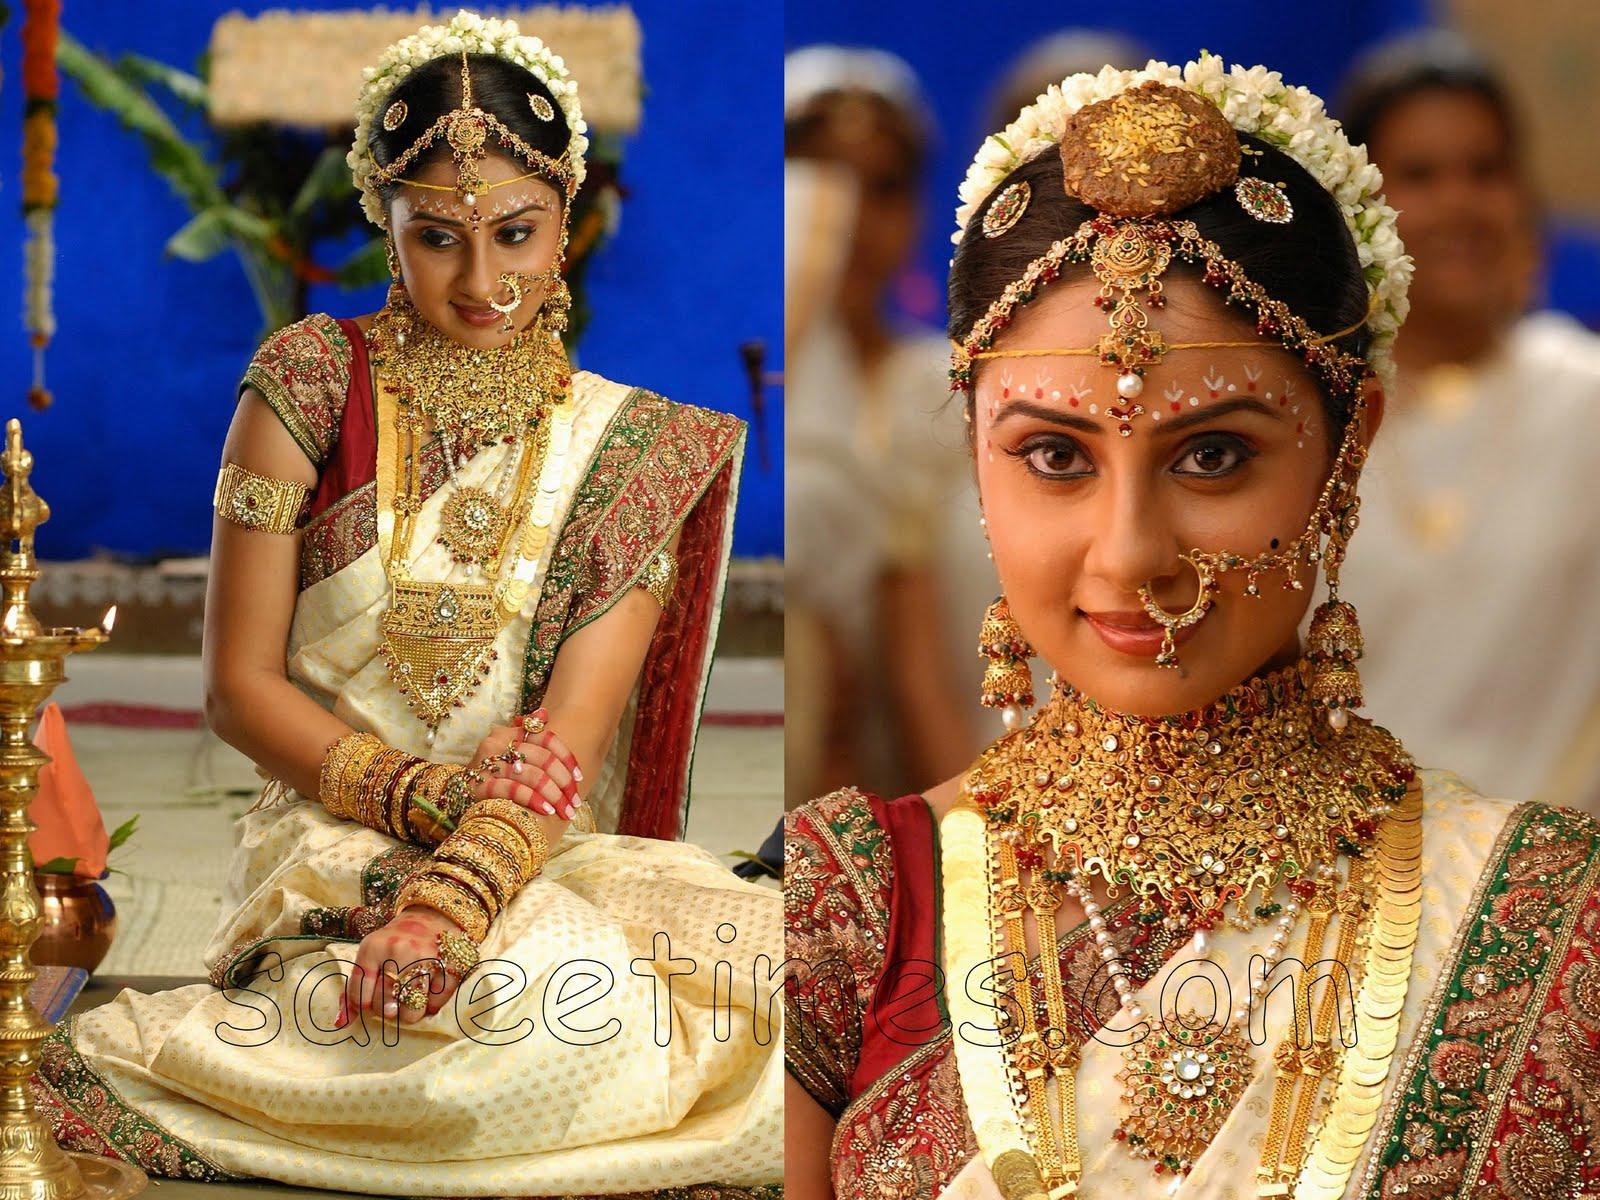 http://1.bp.blogspot.com/-1AQHL8mhgm0/TaW9rXsAOBI/AAAAAAAAAC0/bH6-Iw3CxwI/s1600/Bhanu-Shree-Mehra-Indian-Wedding-Saree.jpg